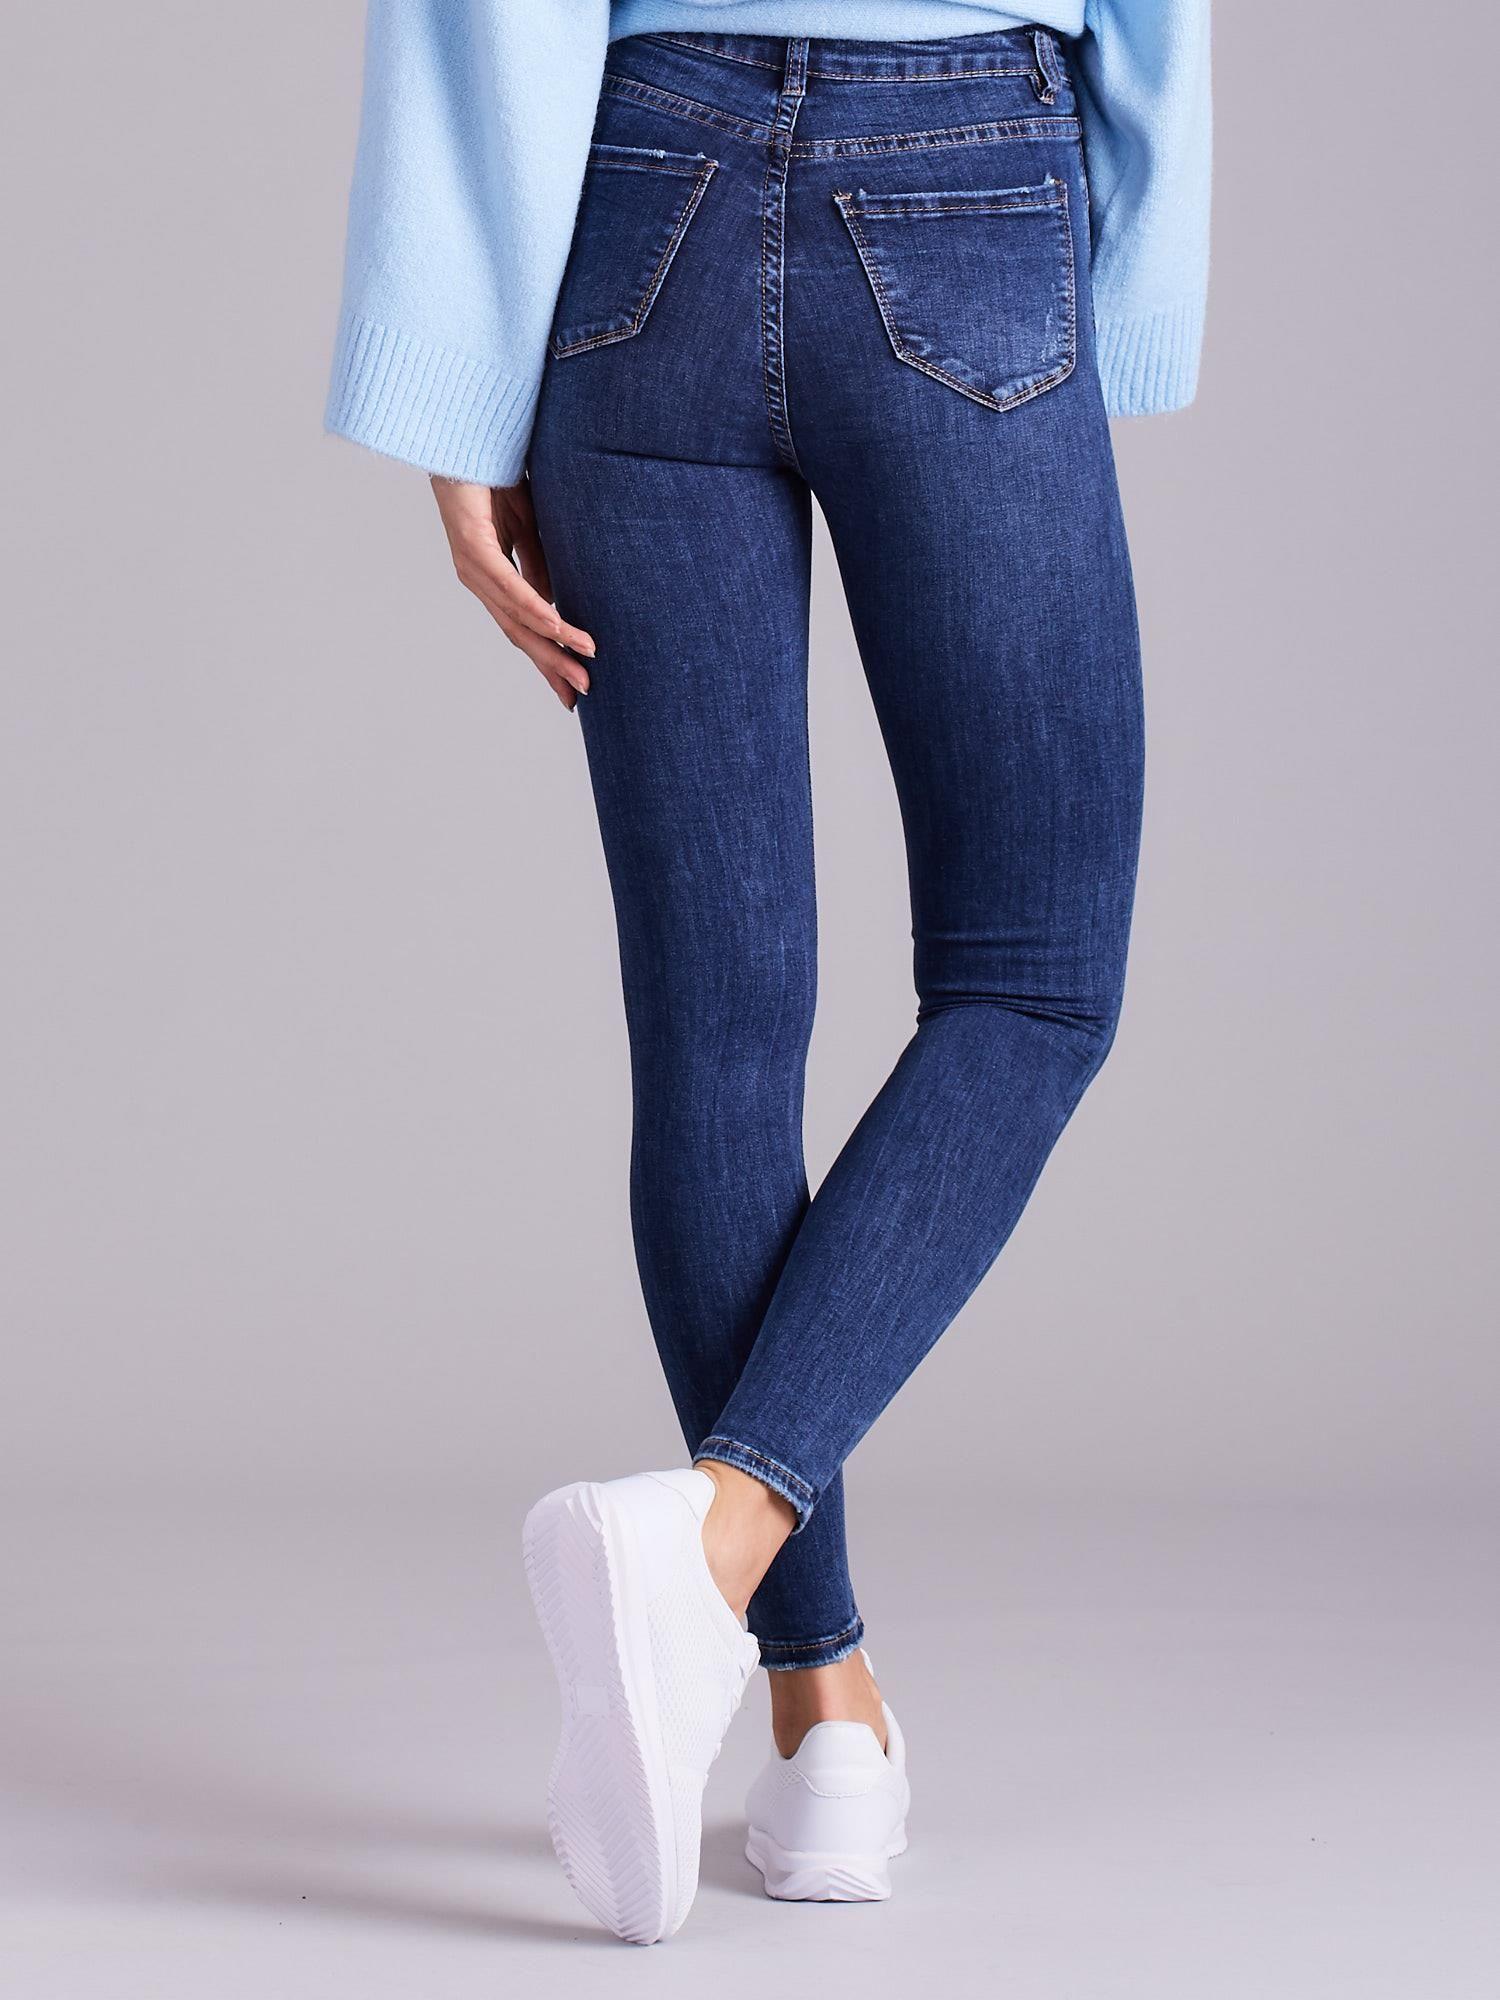 87ac8884 Niebieskie jeansy damskie z wysokim stanem